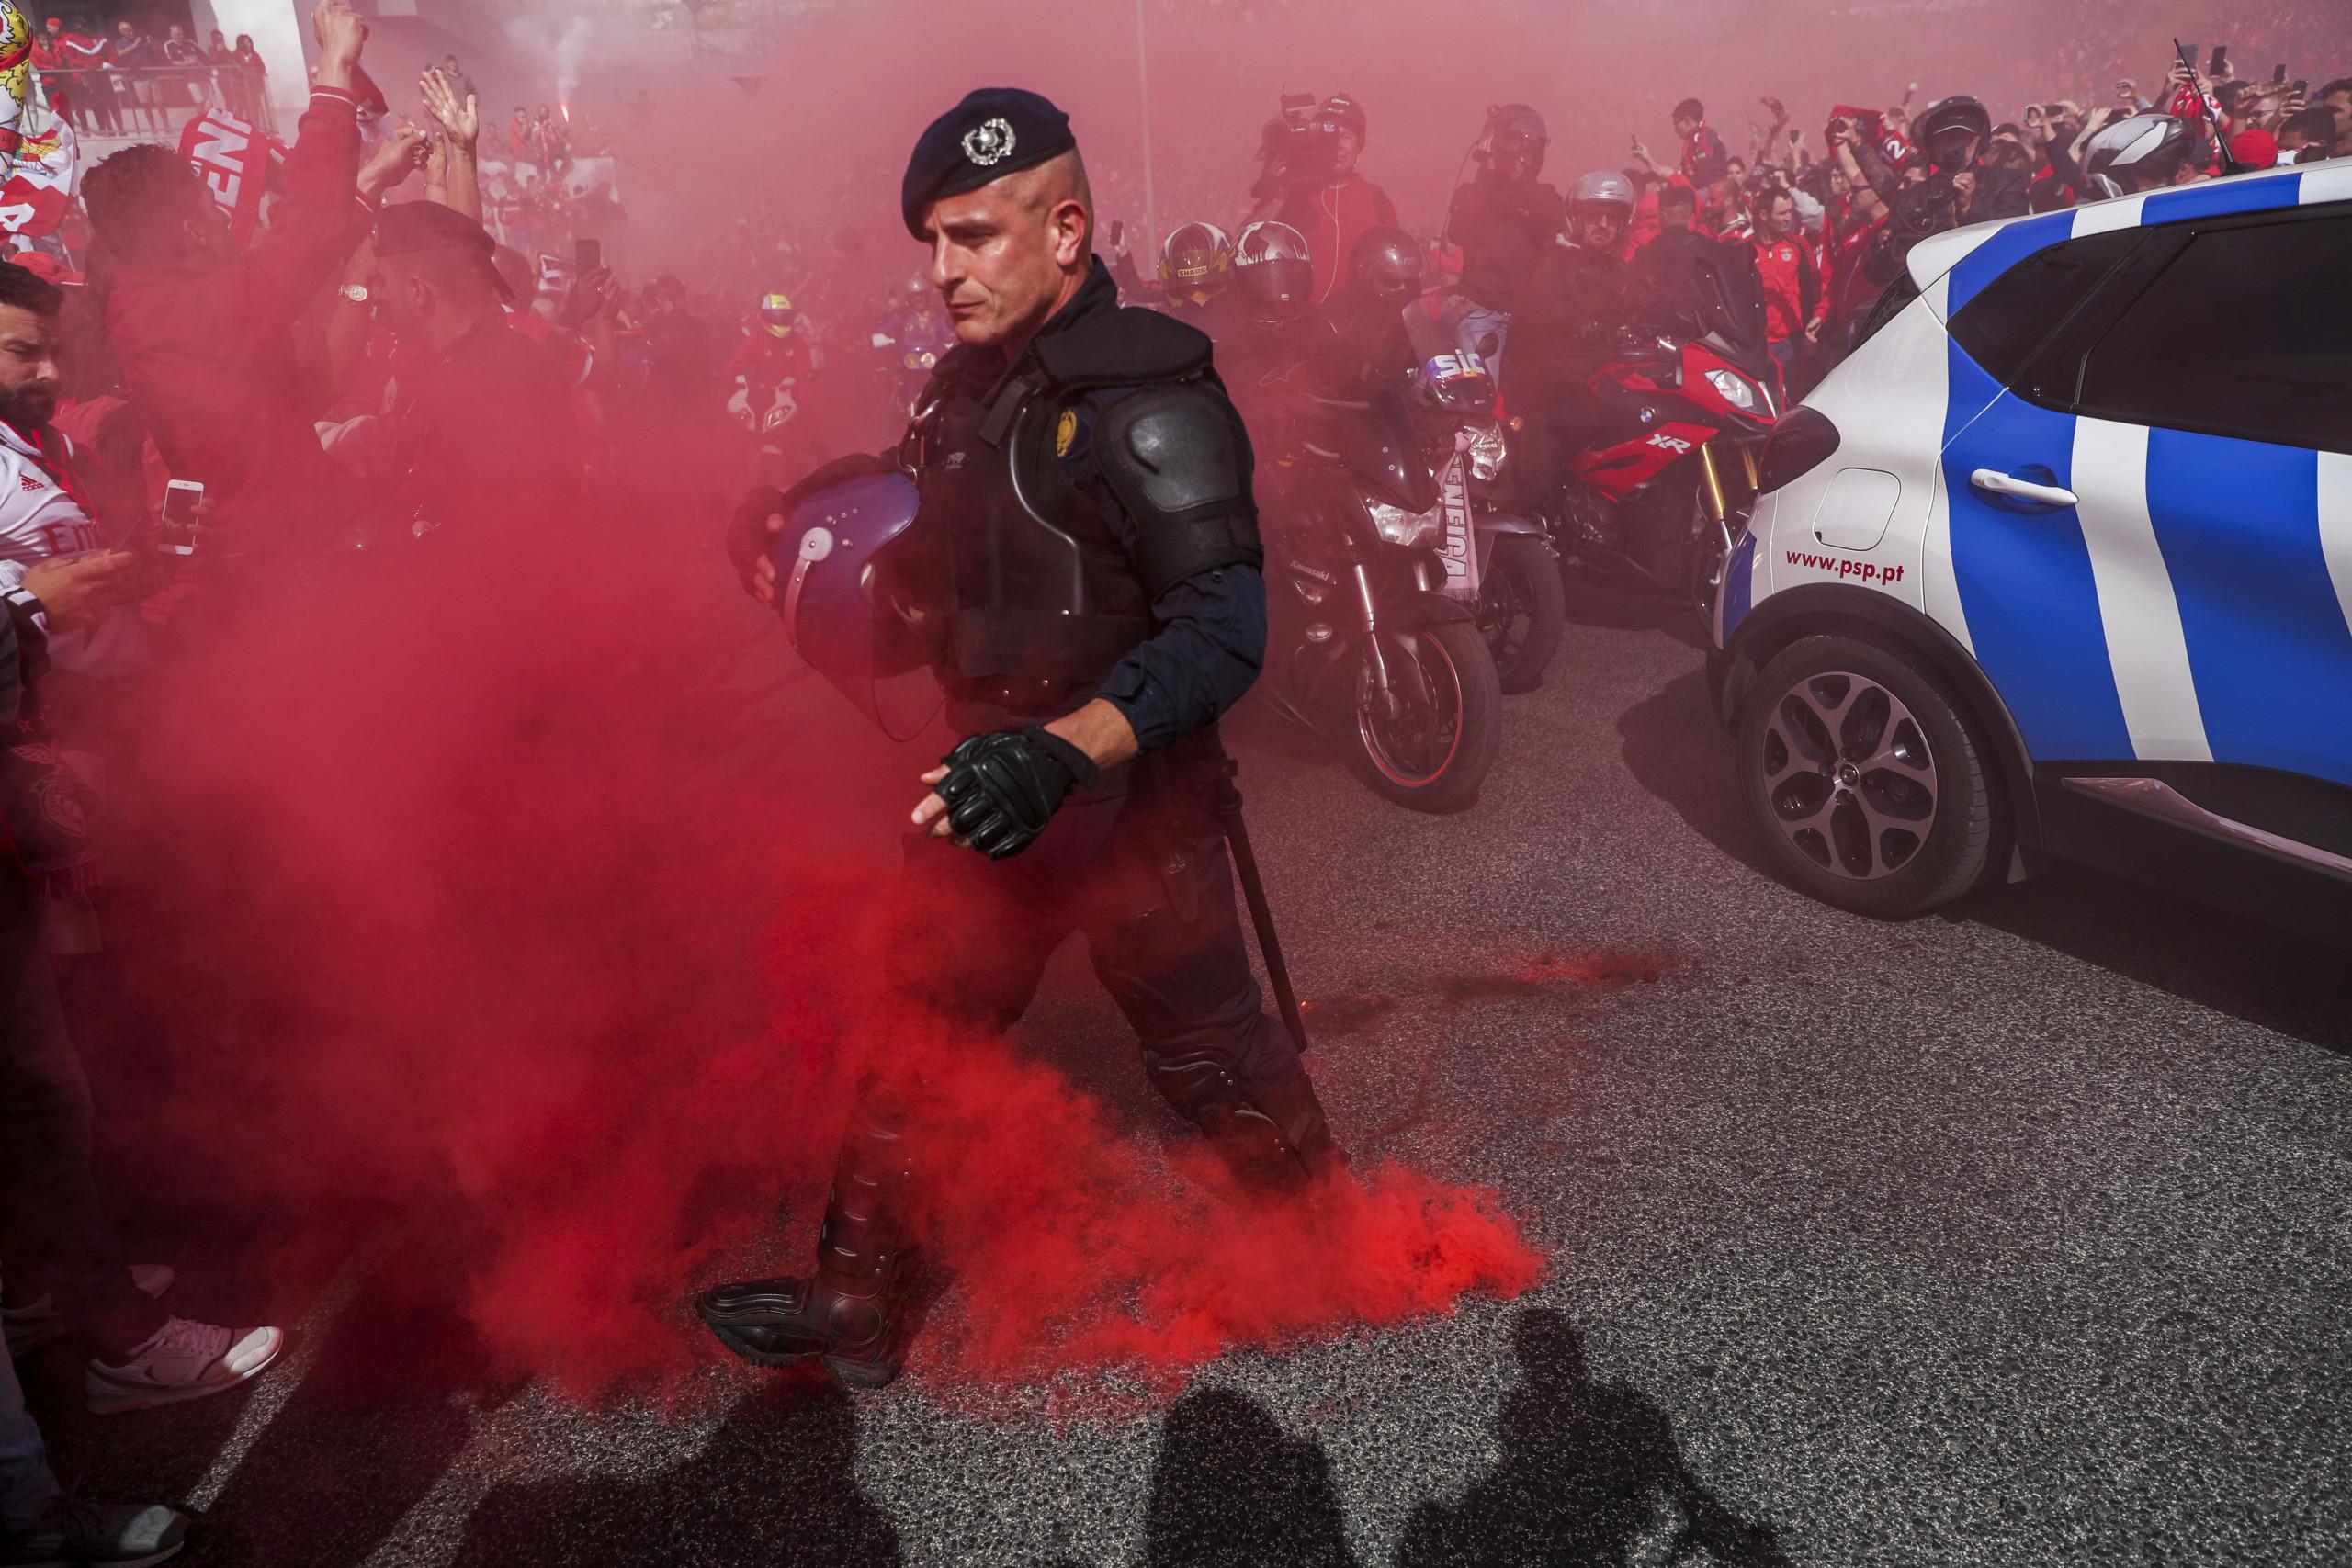 Pelo menos 20 pessoas detidas no jogo e festejos junto ao estádio da Luz